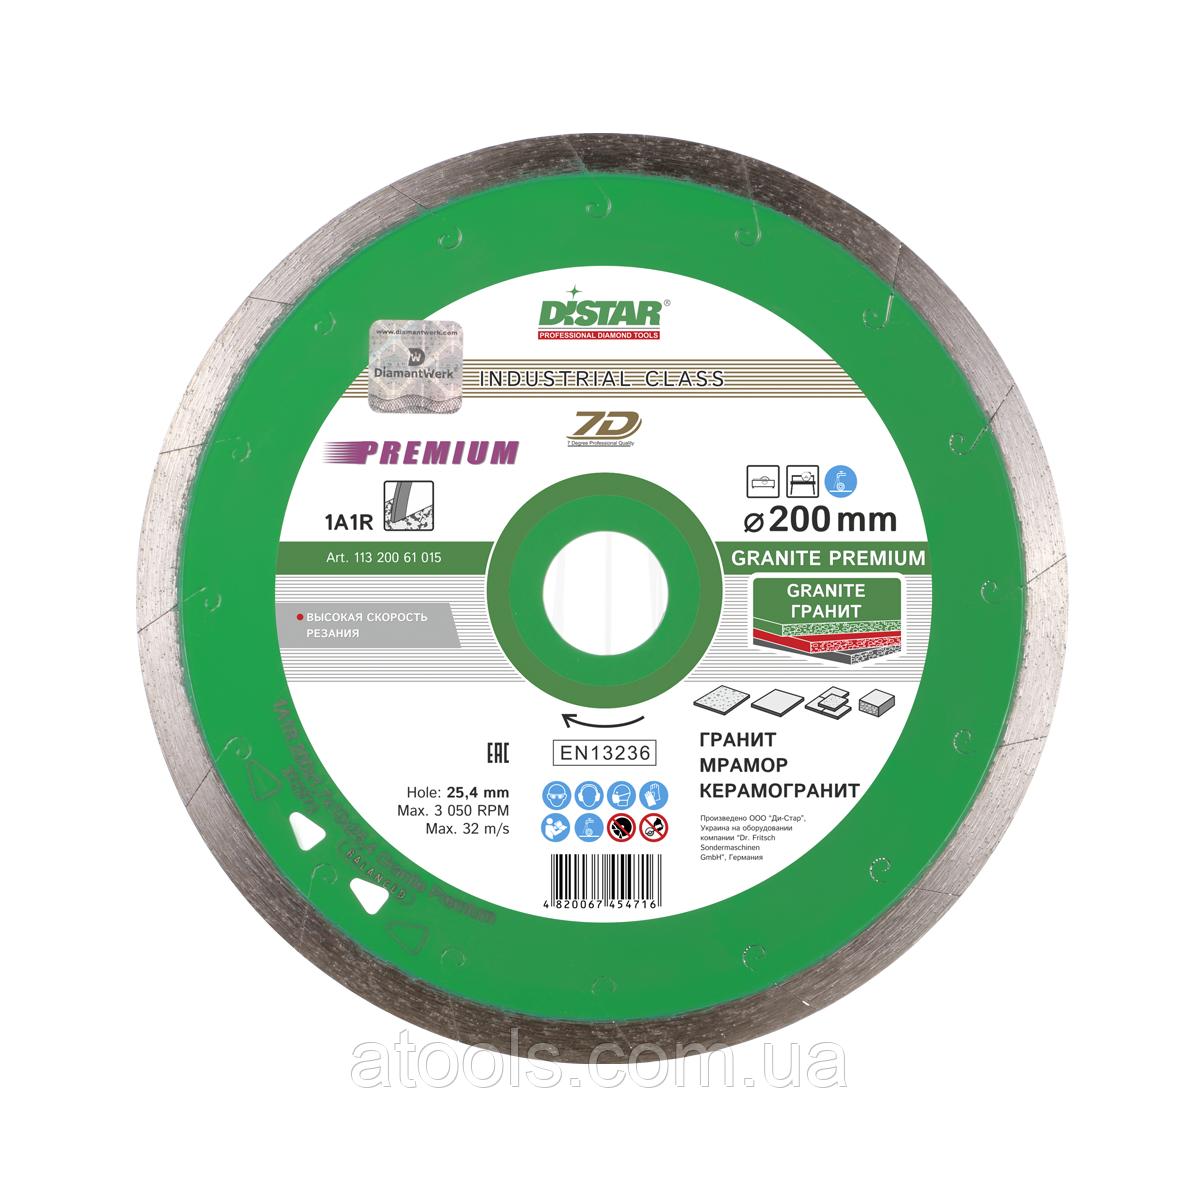 Алмазний відрізний диск Distar Granite Premium 1A1R 230x1.7x10x25.4 (11320061017)